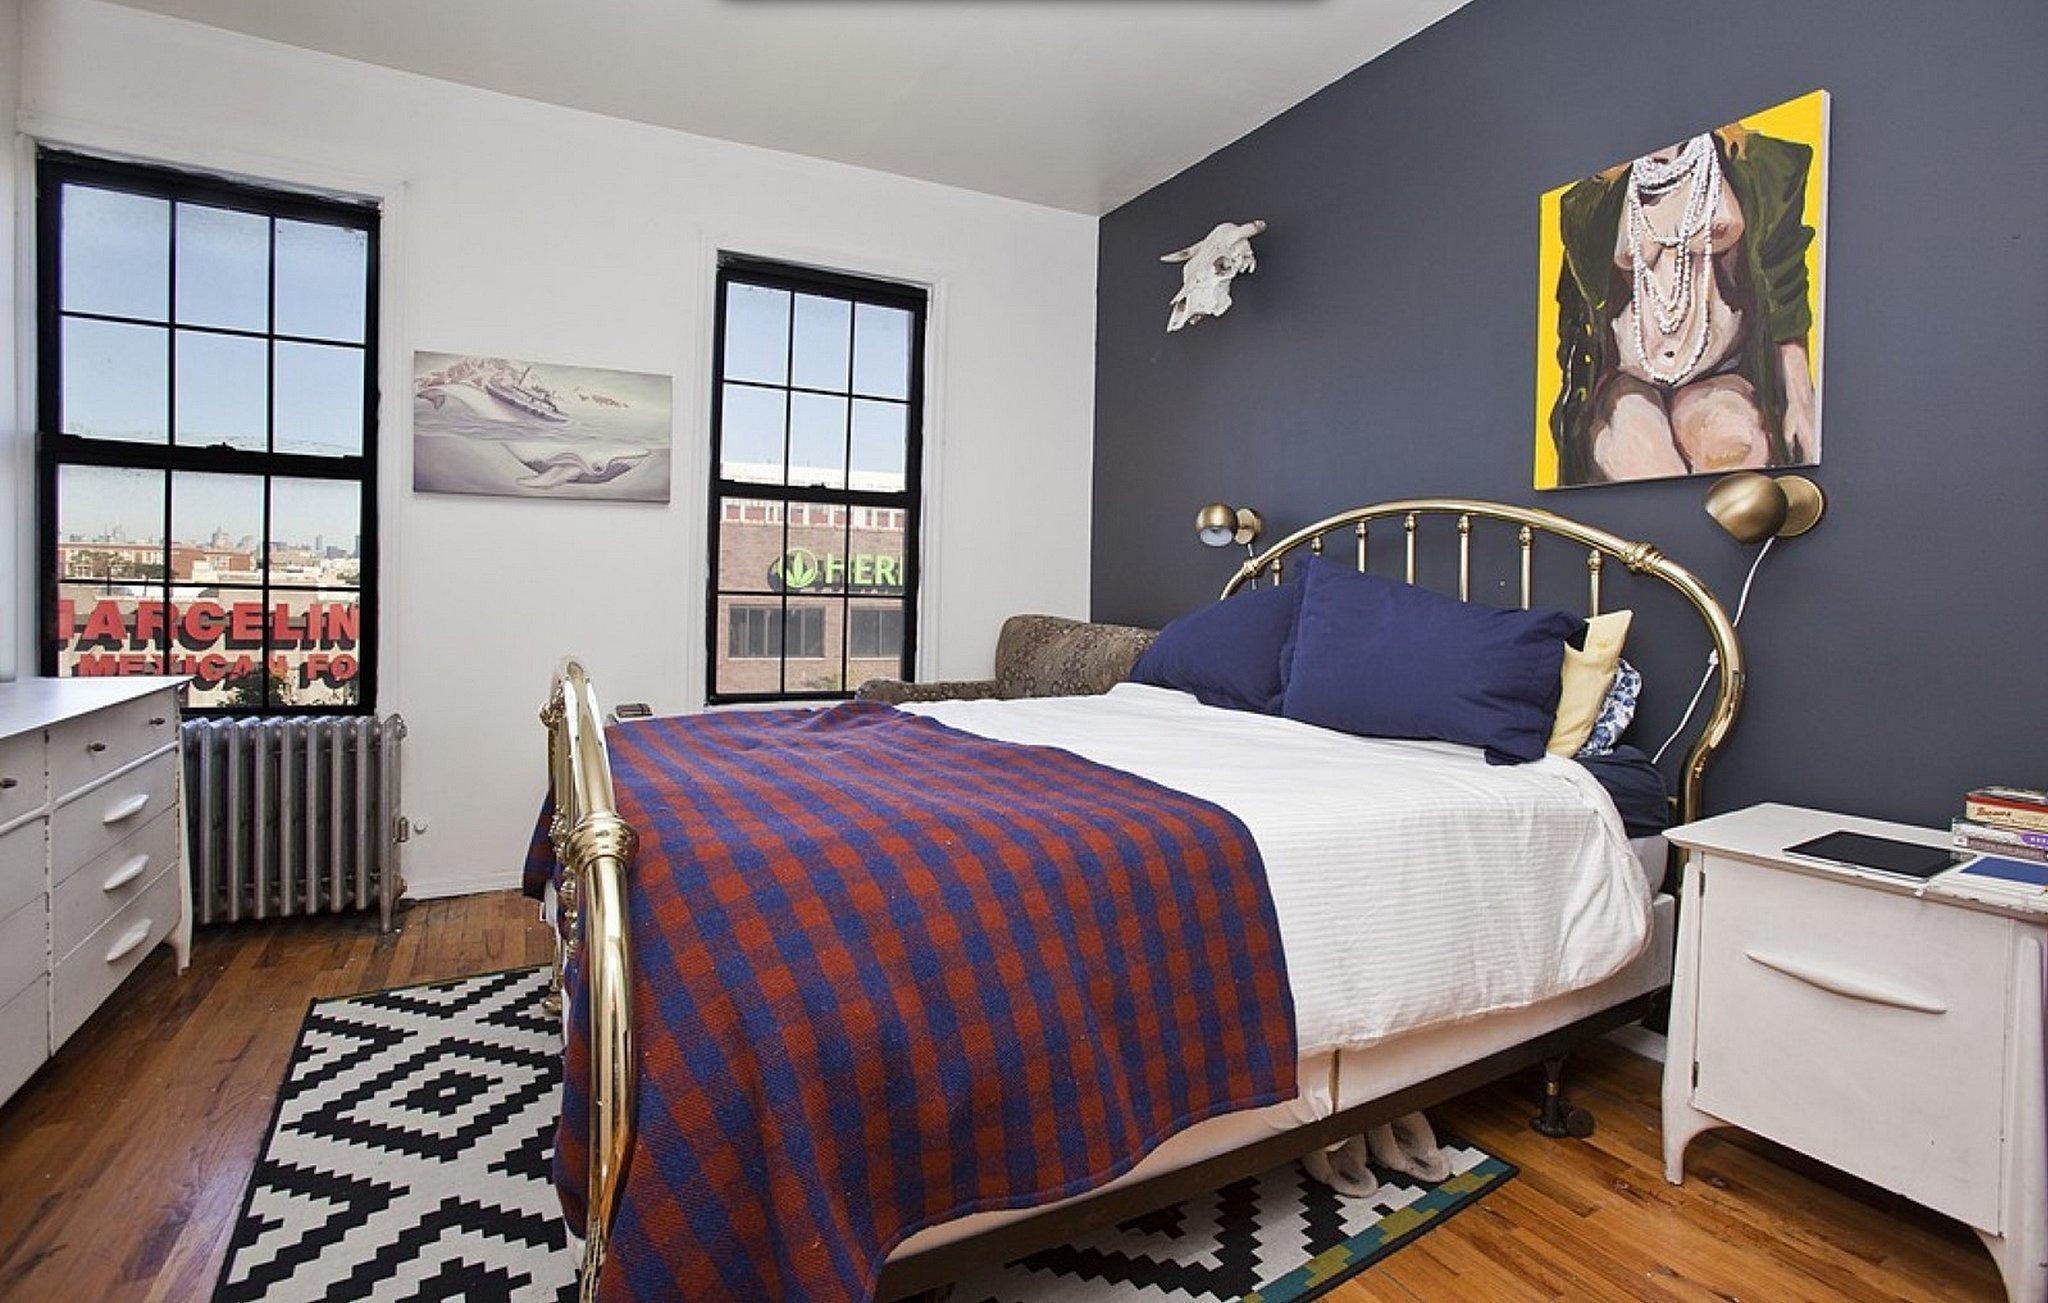 Graue Wand mit buntem Bild sieht sehr frisch für das Schlafzimmer Deko